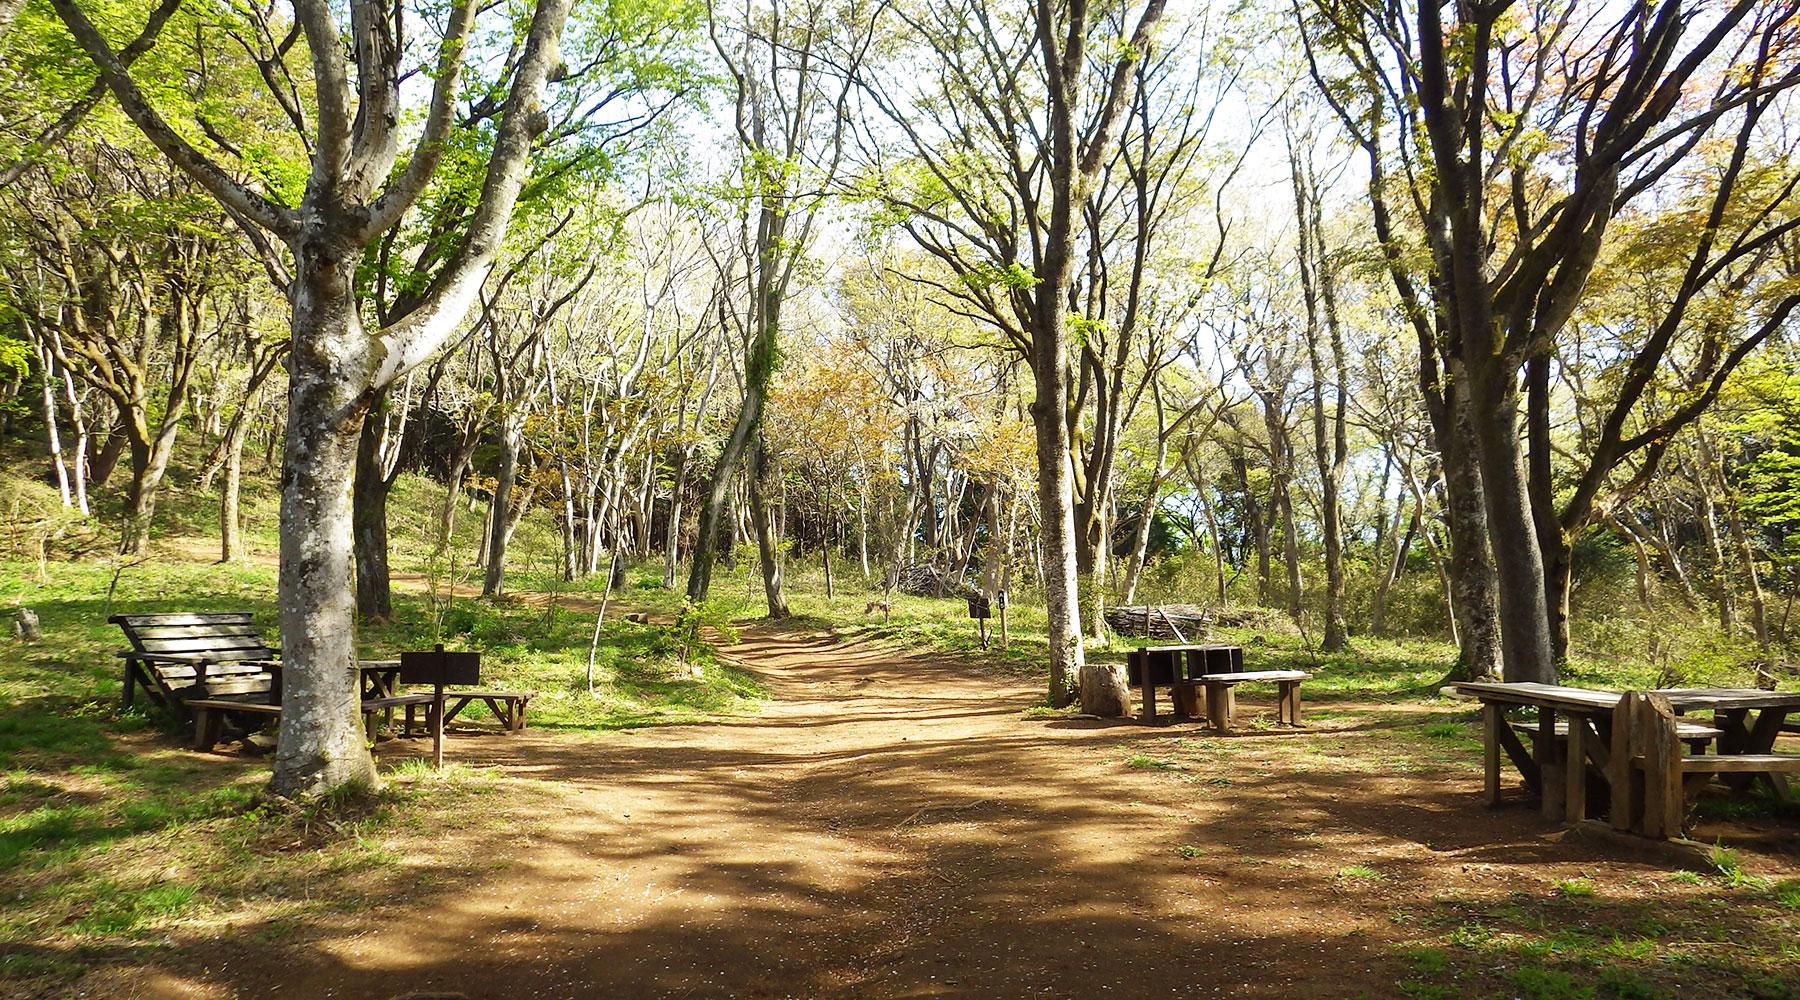 宝篋山・山桜の森にあるテーブルとベンチ